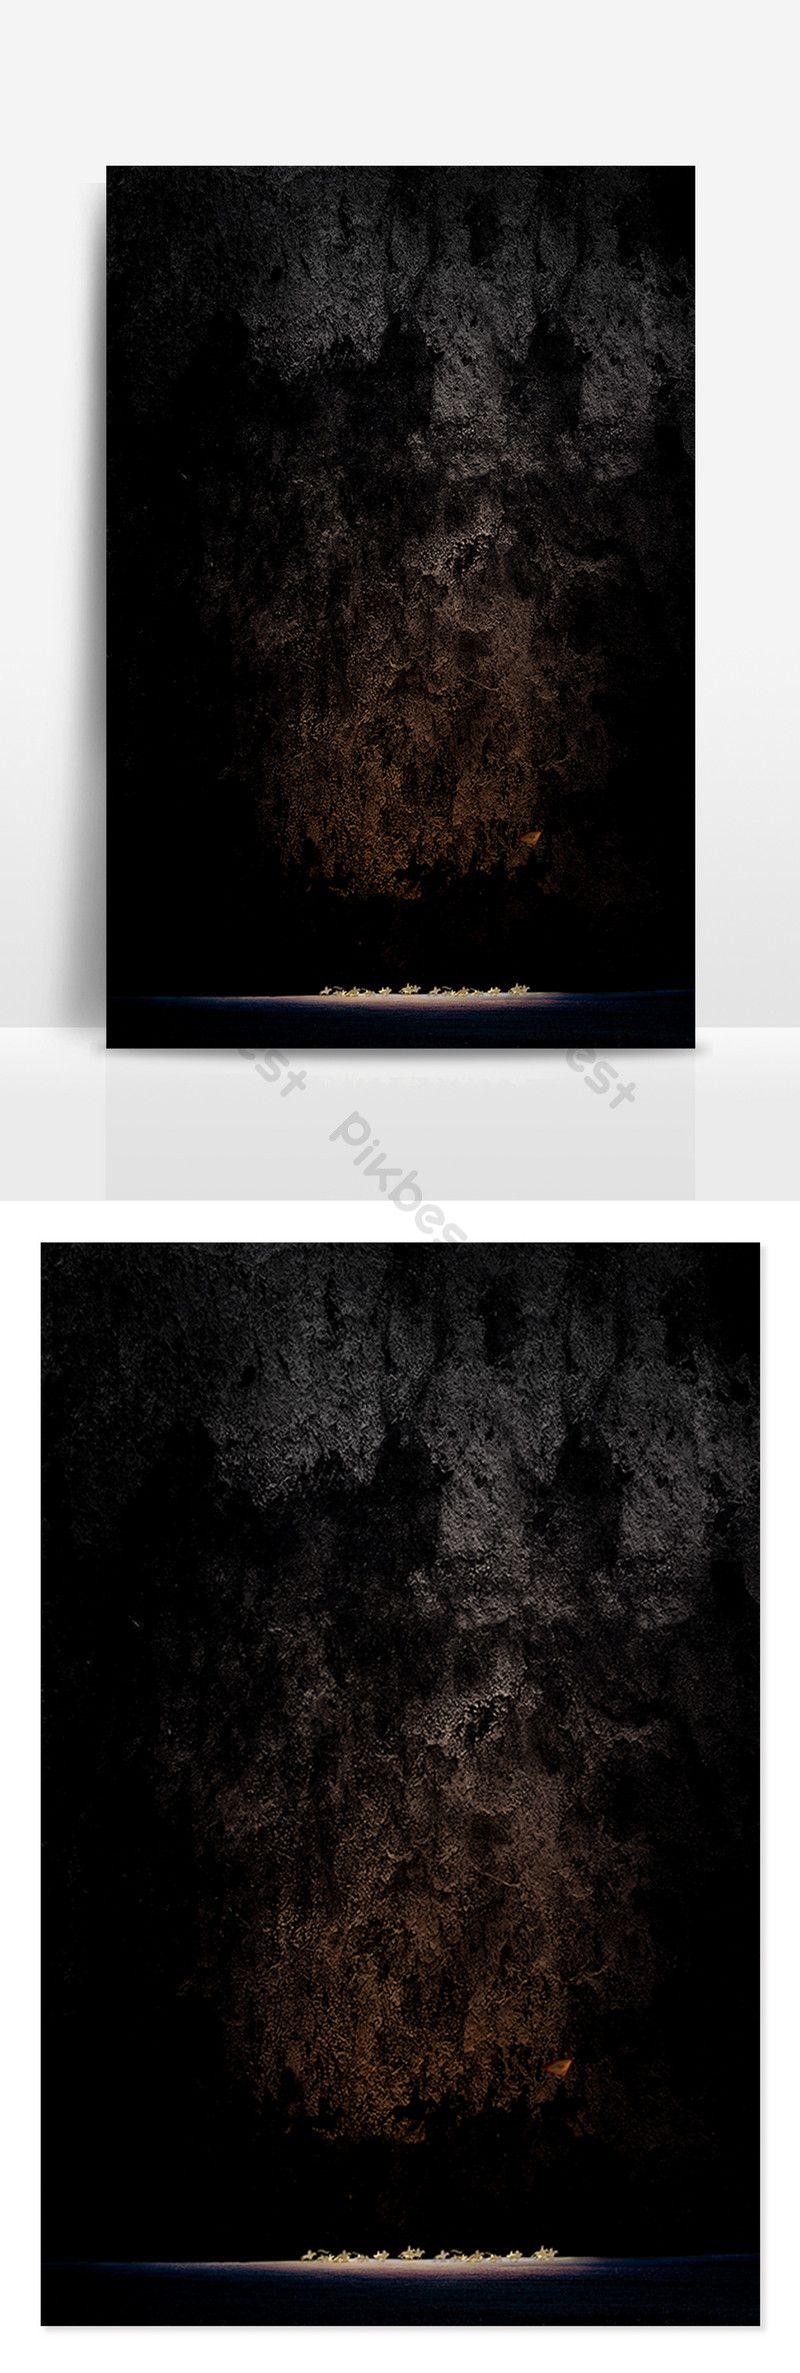 لعبة الحرب التظليل تصميم ملصق صورة الخلفية خلفيات Psd تحميل مجاني Pikbest Background Images Poster Design Design